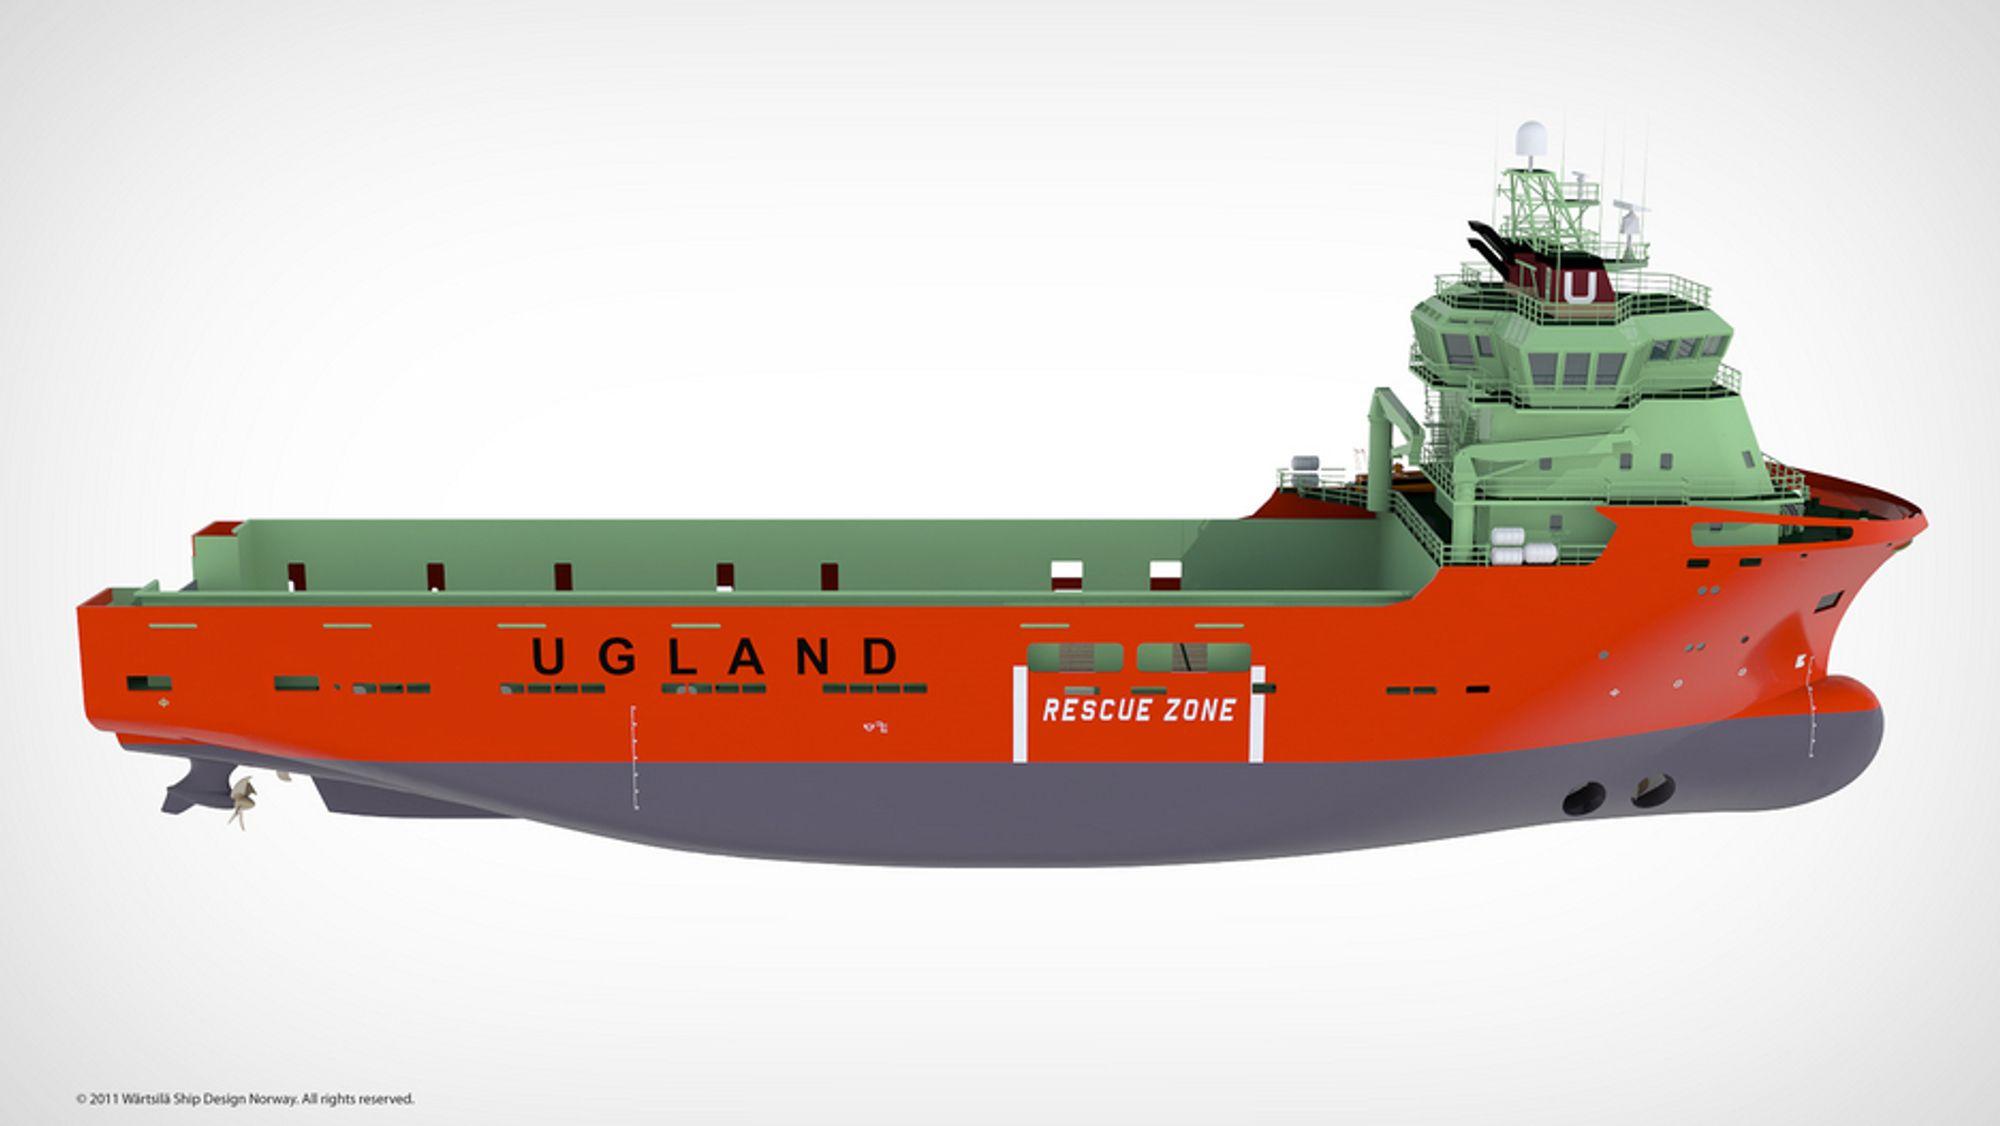 ARBEIDSHEST: Ugland Offshore er tilbake i Nordsjøen neste sommer med en VS 485 MK II PSV bygget ved Myklebust Verft, som inngår i Kleven Maritime.Skipet er 85 meter langt, 20 meter bredt, kapasitet på 5.000 dvt og dekksareal på 1.000d m².